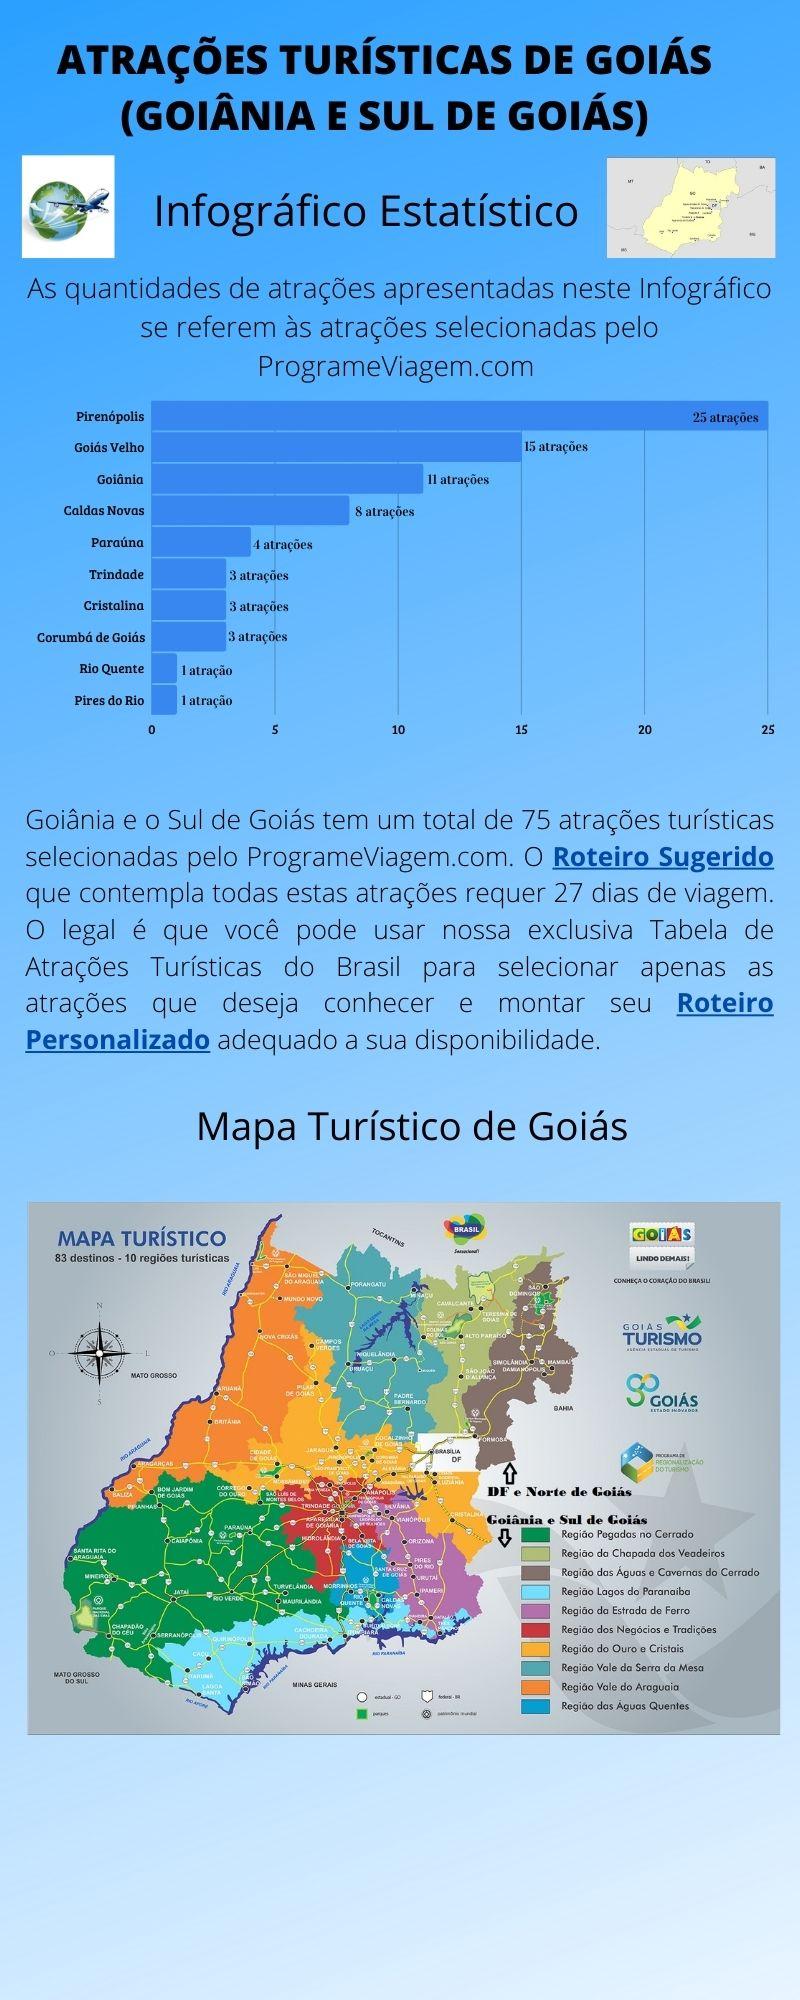 Infográfico Atrações Turísticas de Goiás (Goiânia e Sul de Goiás)